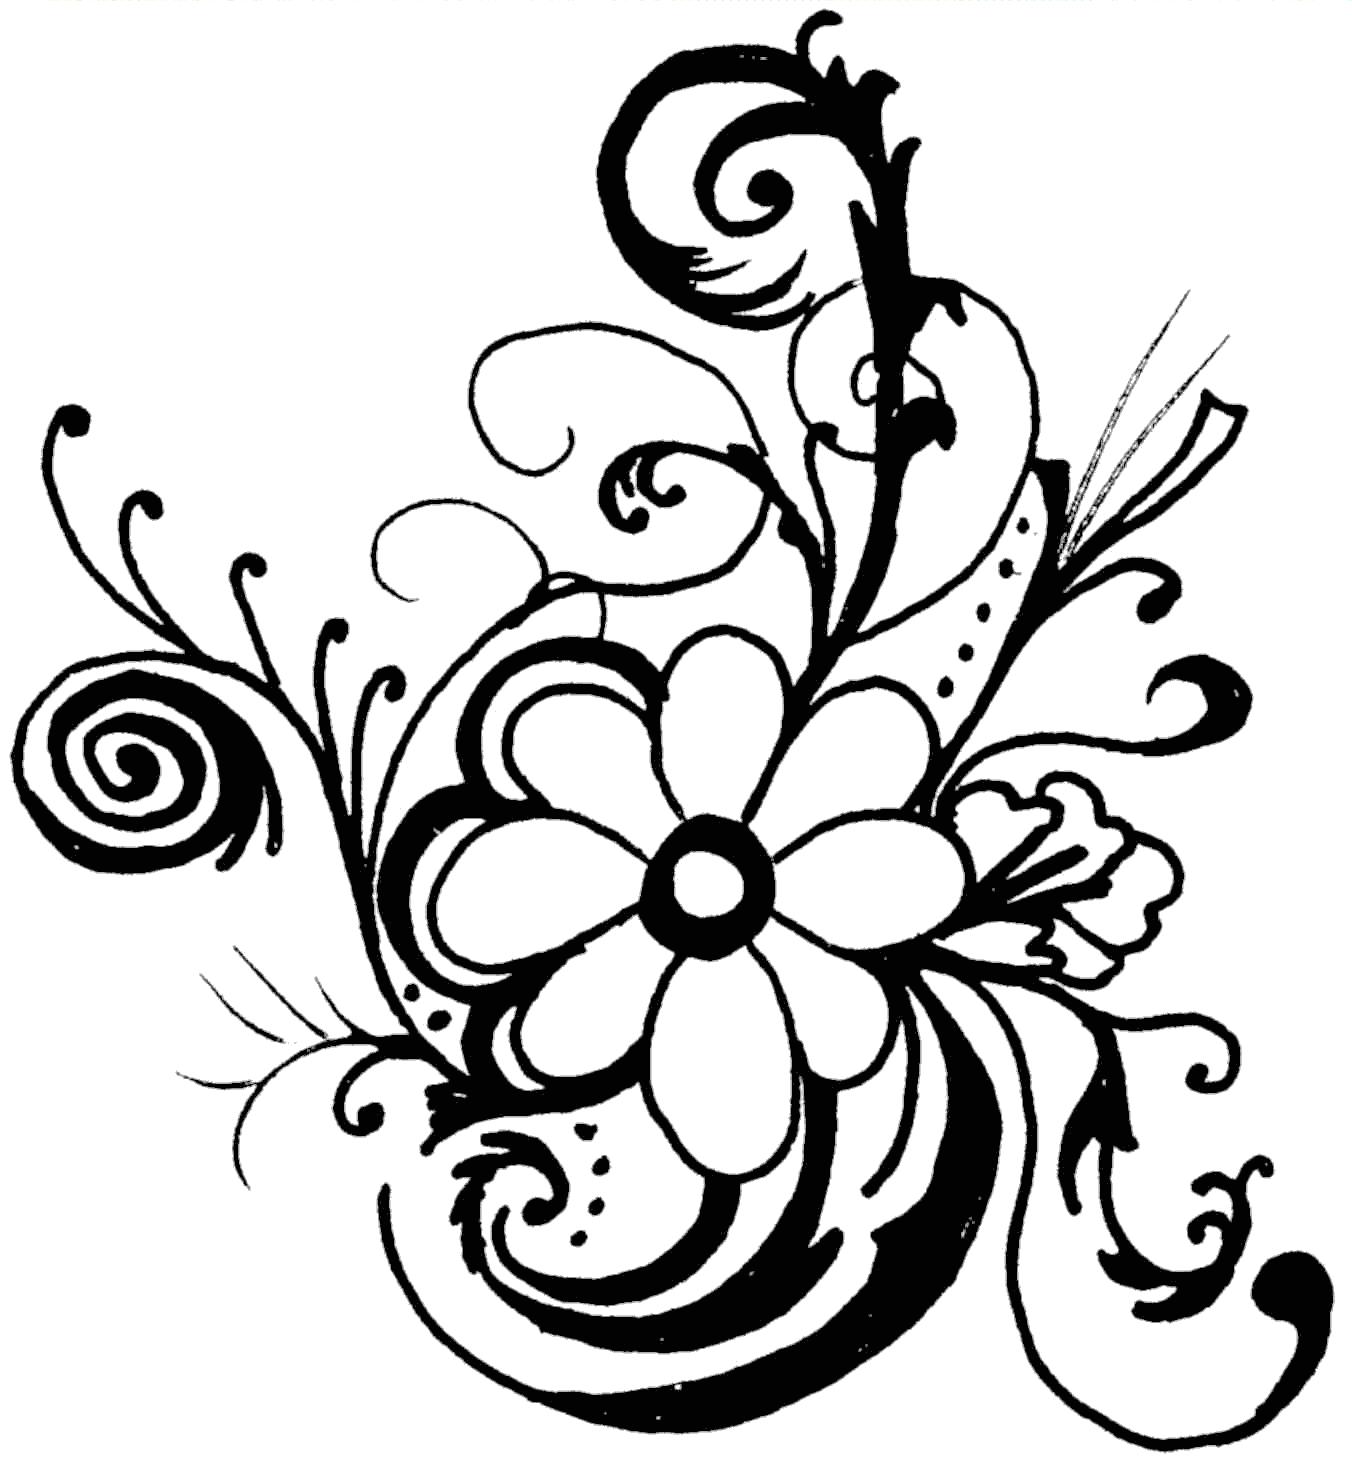 black and white flower border clipart-black and white flower border clipart-5